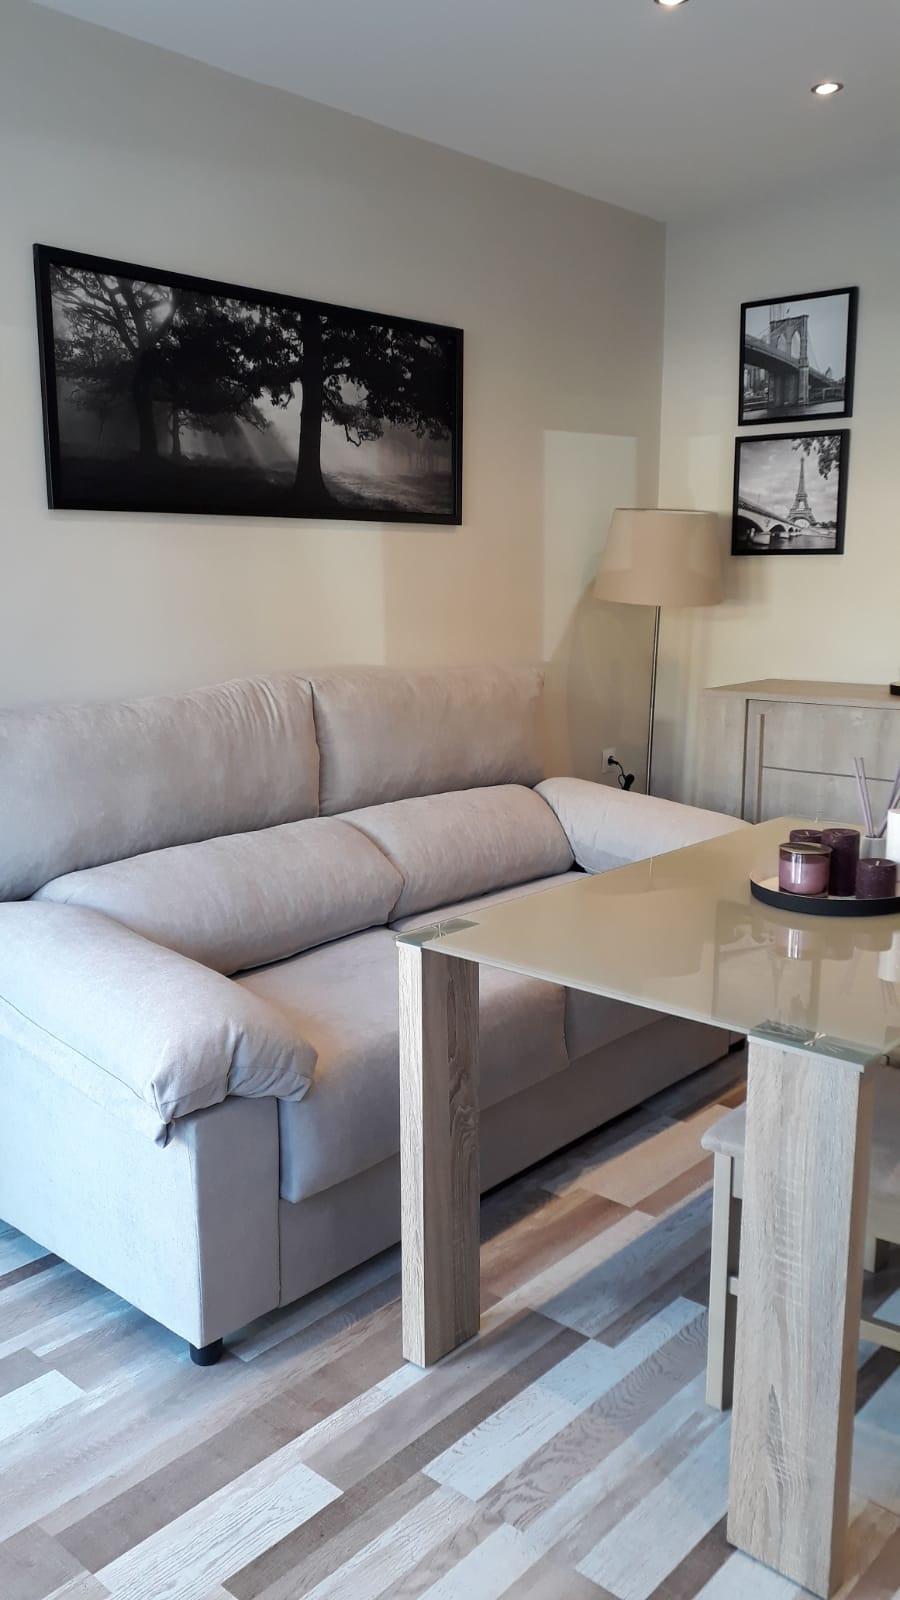 Apartamento Planta Baja 1 Dormitorio(s) en Venta Torremolinos